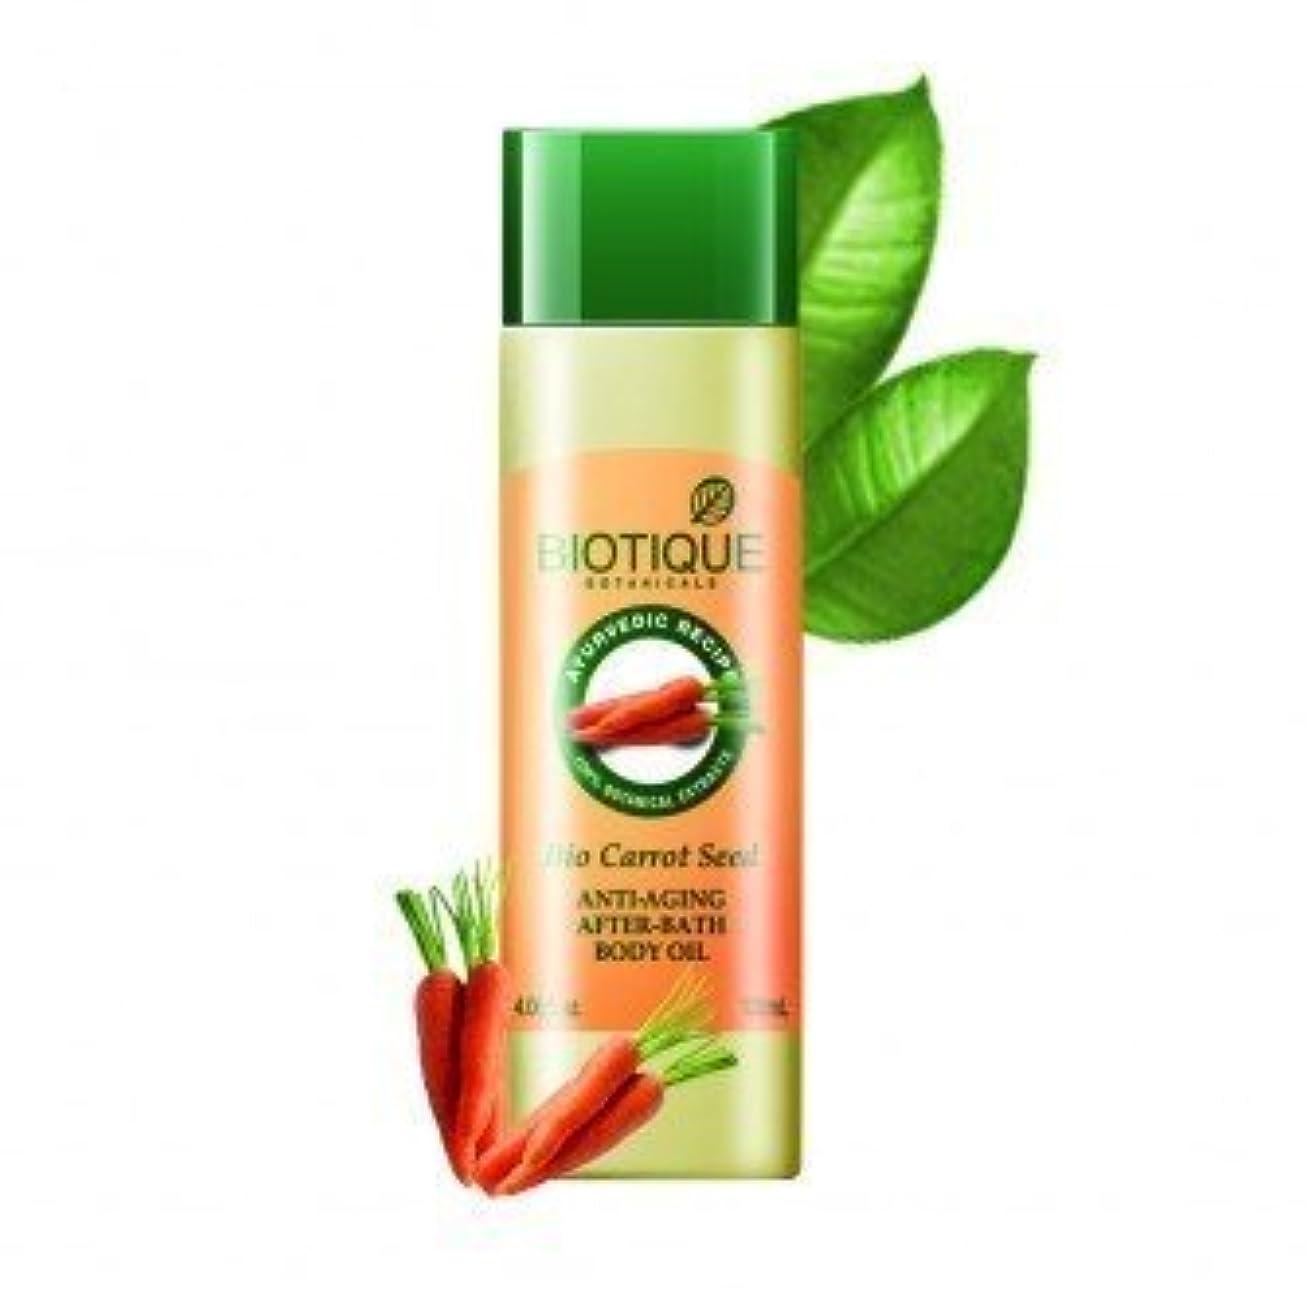 飼料お勧め裏切りBiotique Bio Carrot Seed Anti-Aging After-Bath Body Oil 120 Ml (Ship From India)